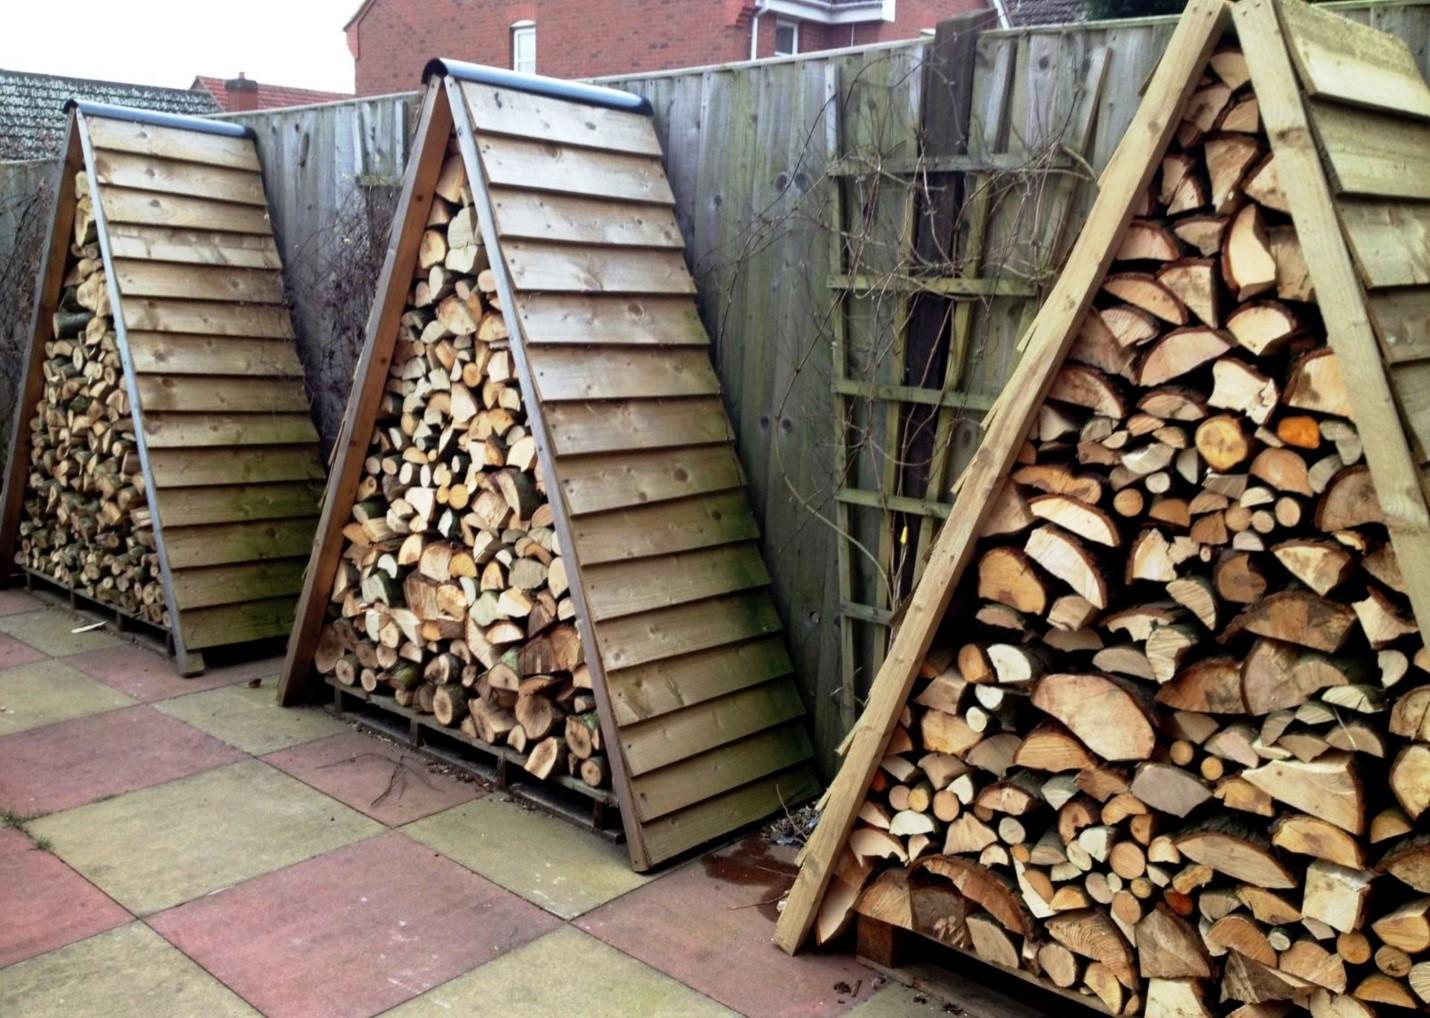 Невероятно удобный и практичный вариант: достать дрова легко, а развалить такую поленницу можно лишь при огромном старании